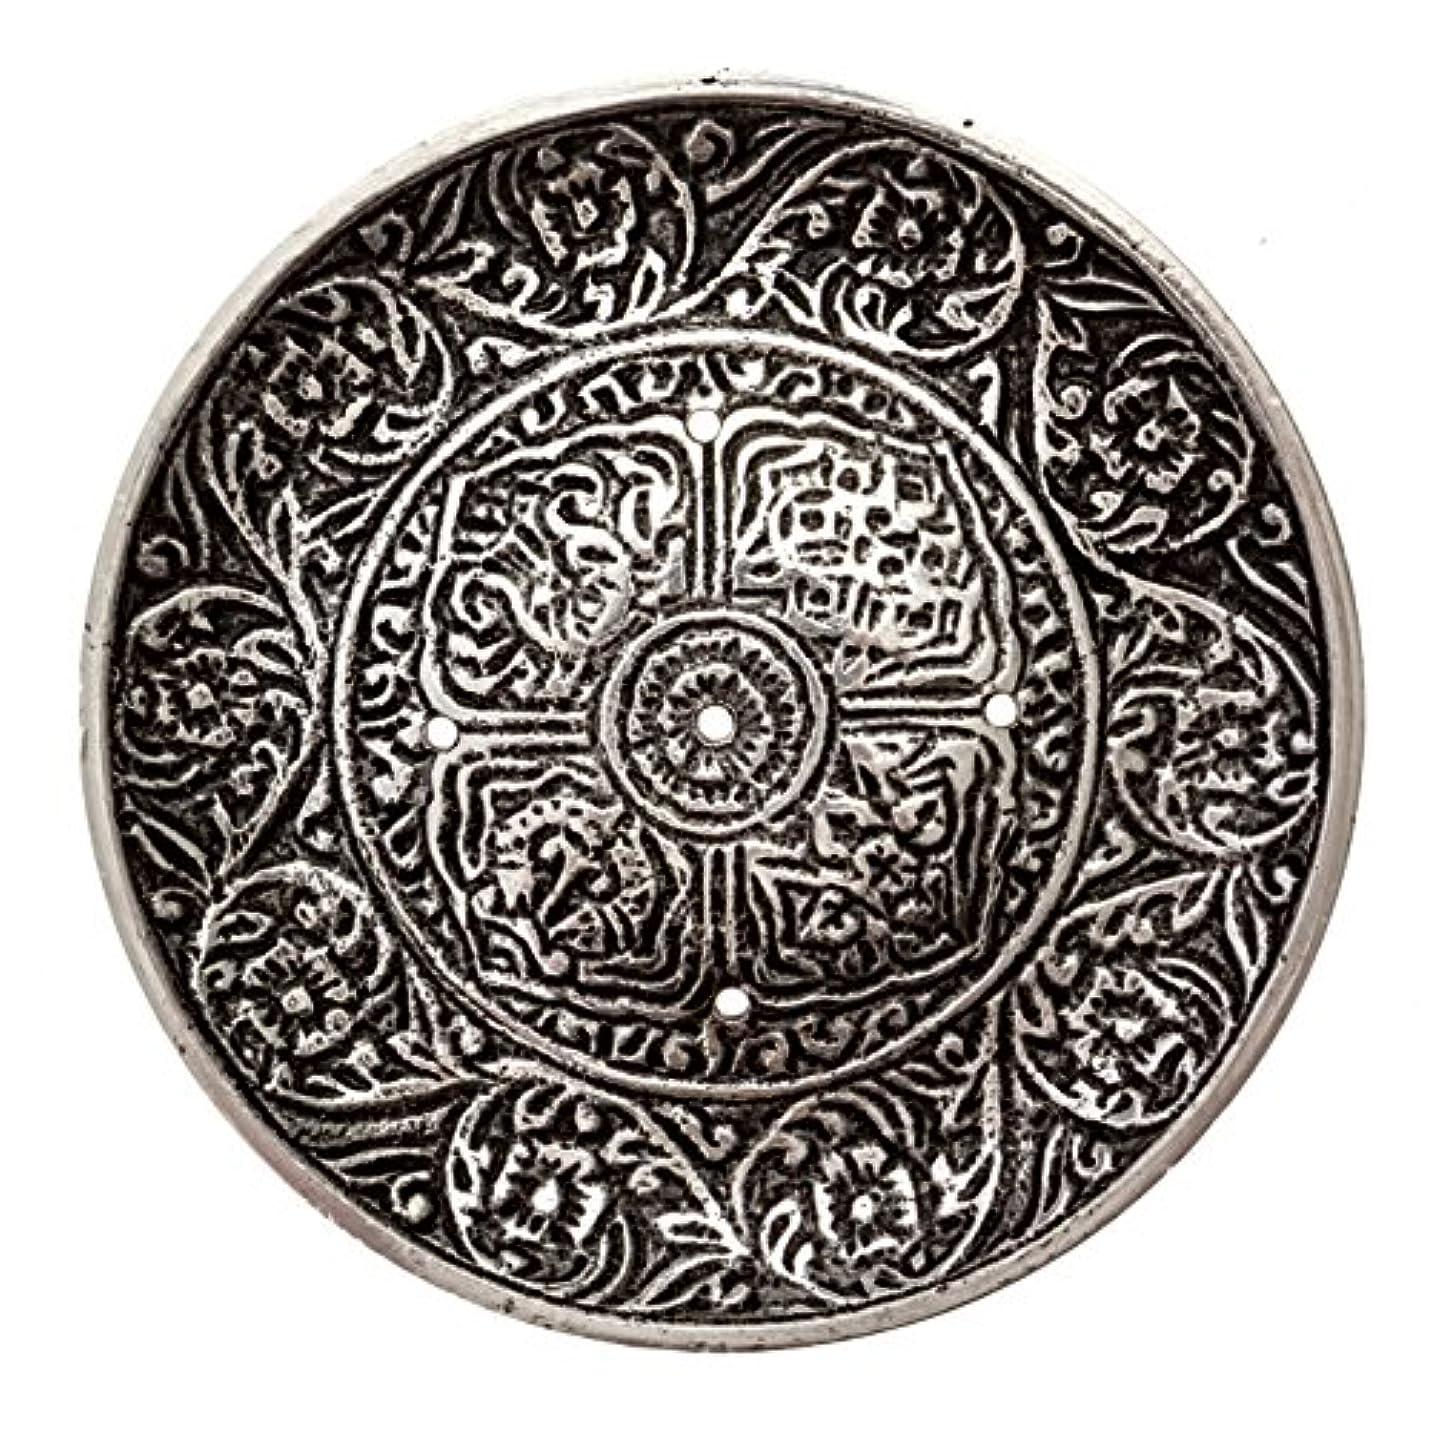 宗教的な集めるアラブサラボTibetan Incense Burner for瞑想、ヨガ、アロマセラピー、Home Fragrance